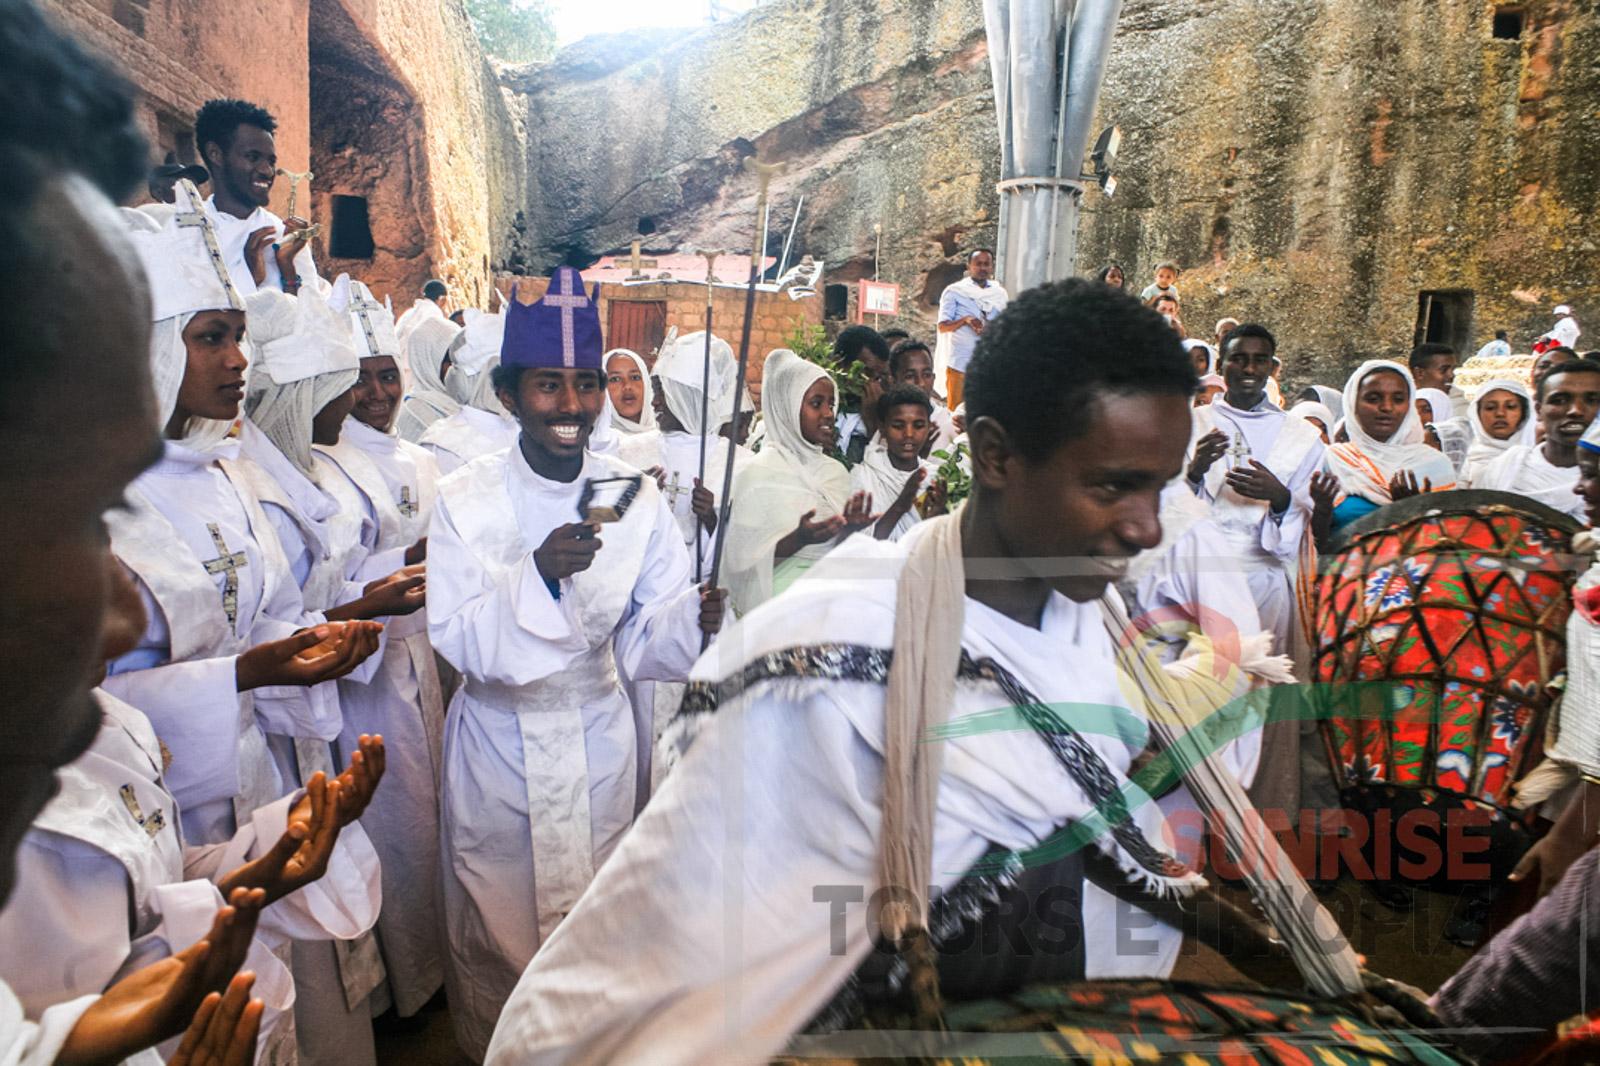 Lalibela celebration song Ethiopia orthodox